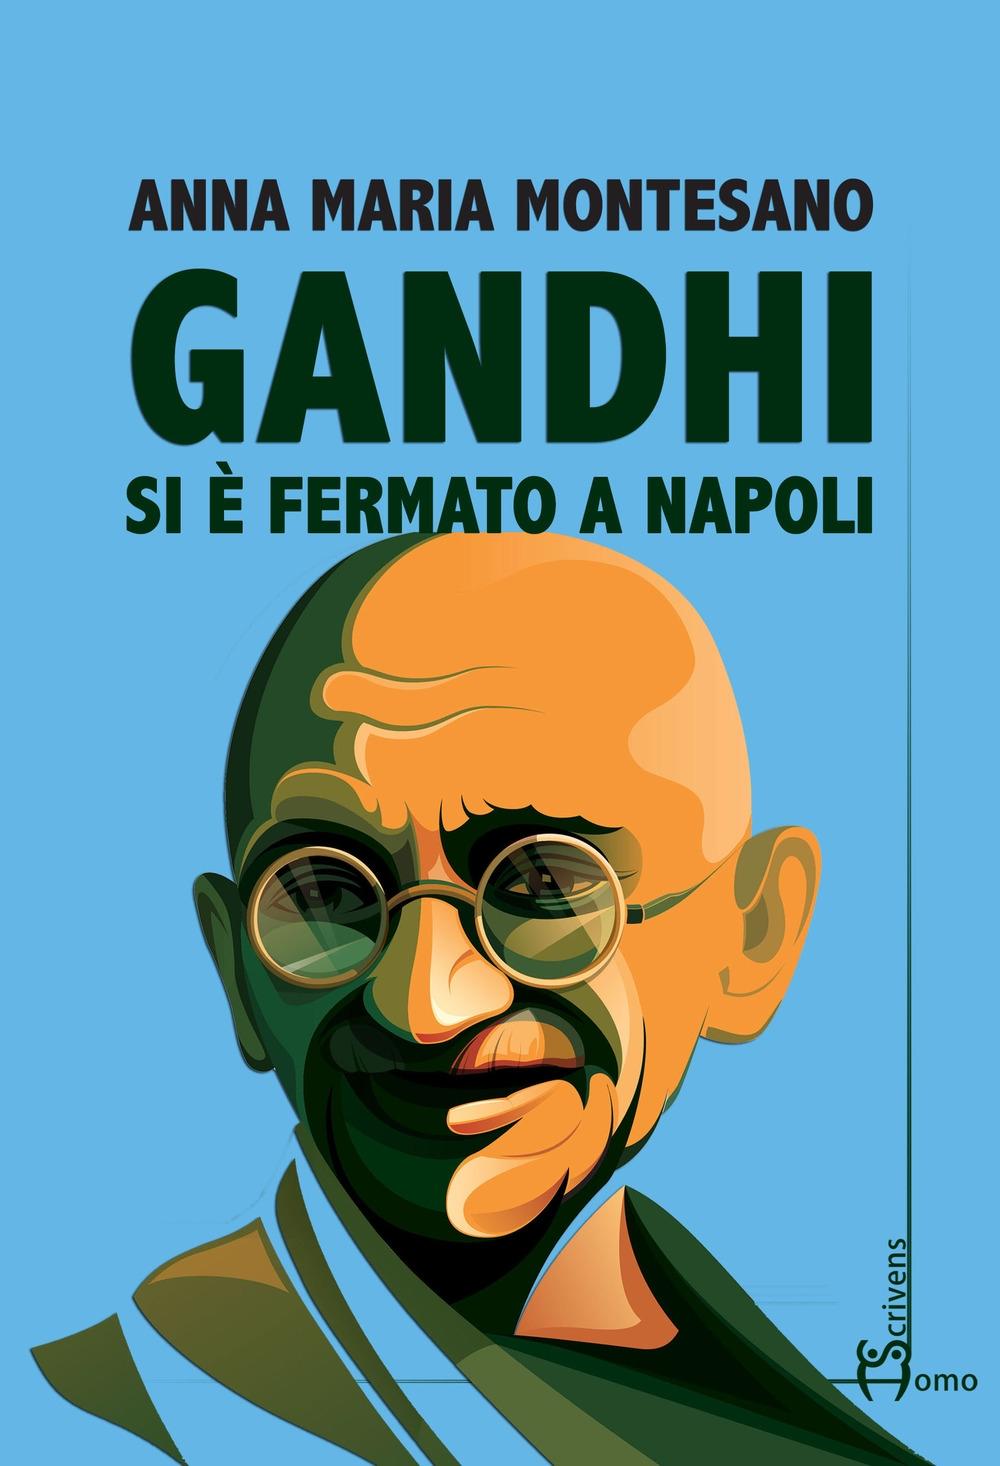 Gandhi si è fermato a Napoli